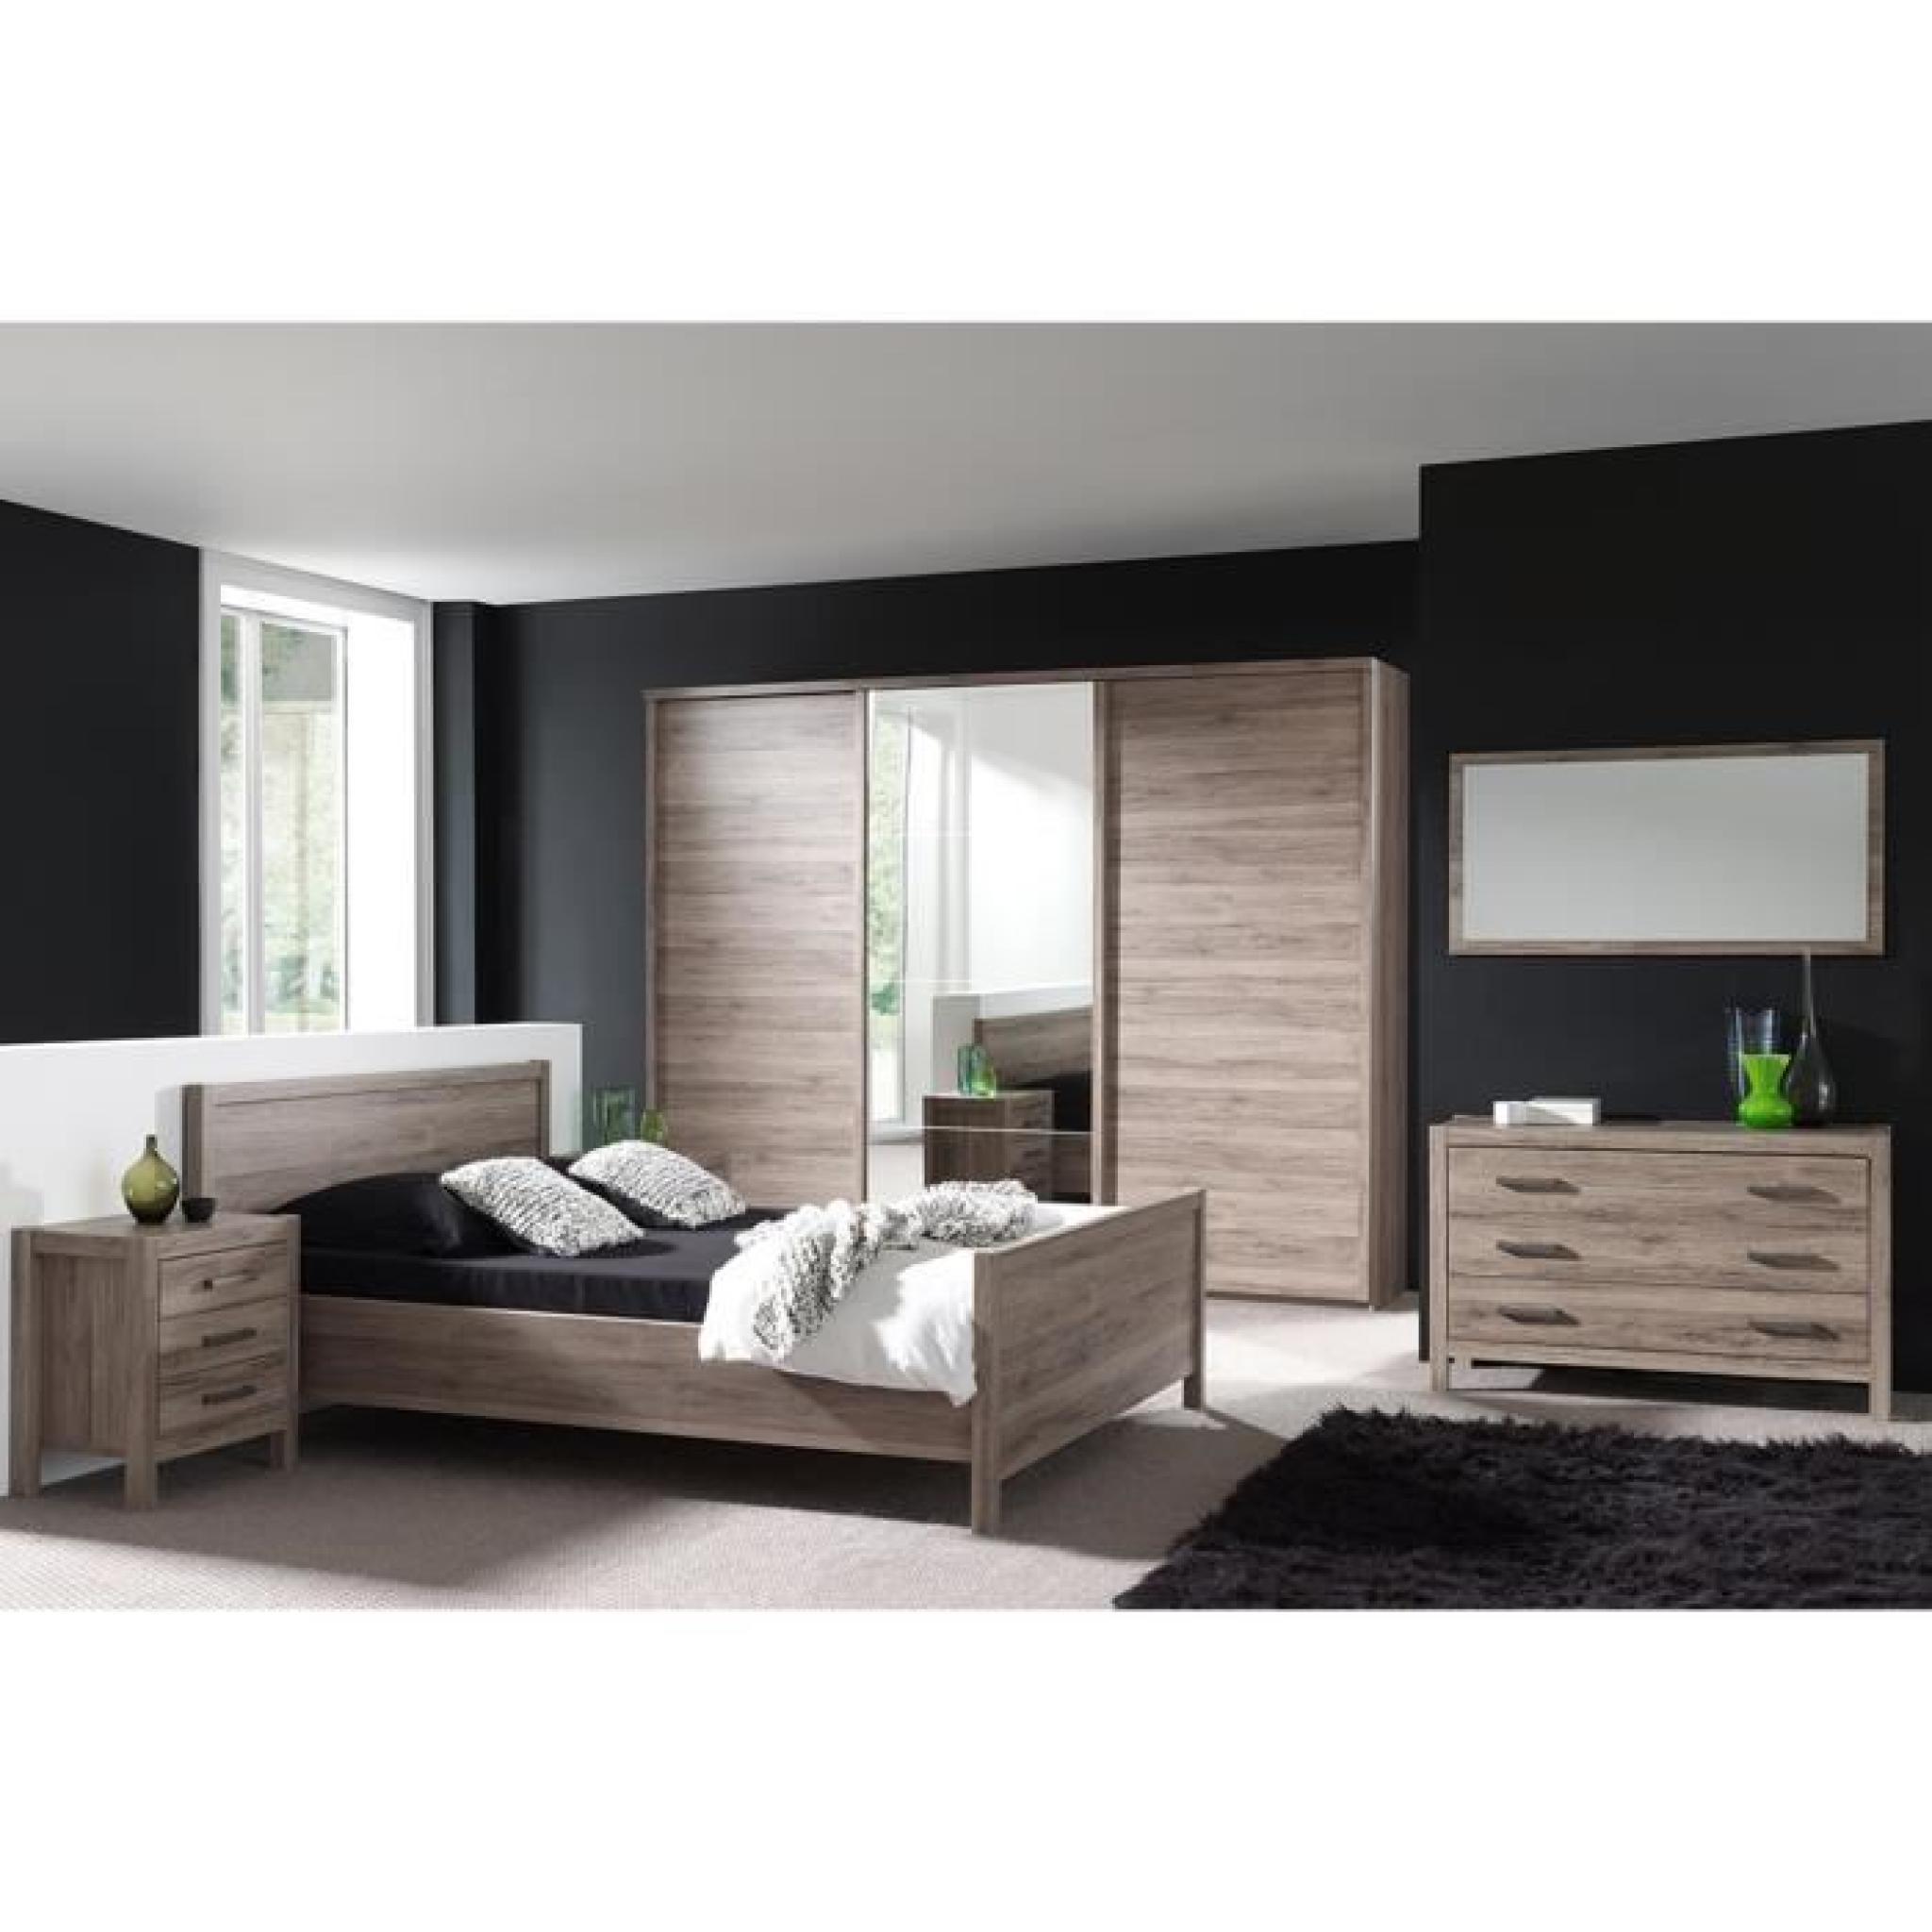 Armoire 280 cm 3 portes coulissante pour chambre adulte for Armoire pour chambre adulte